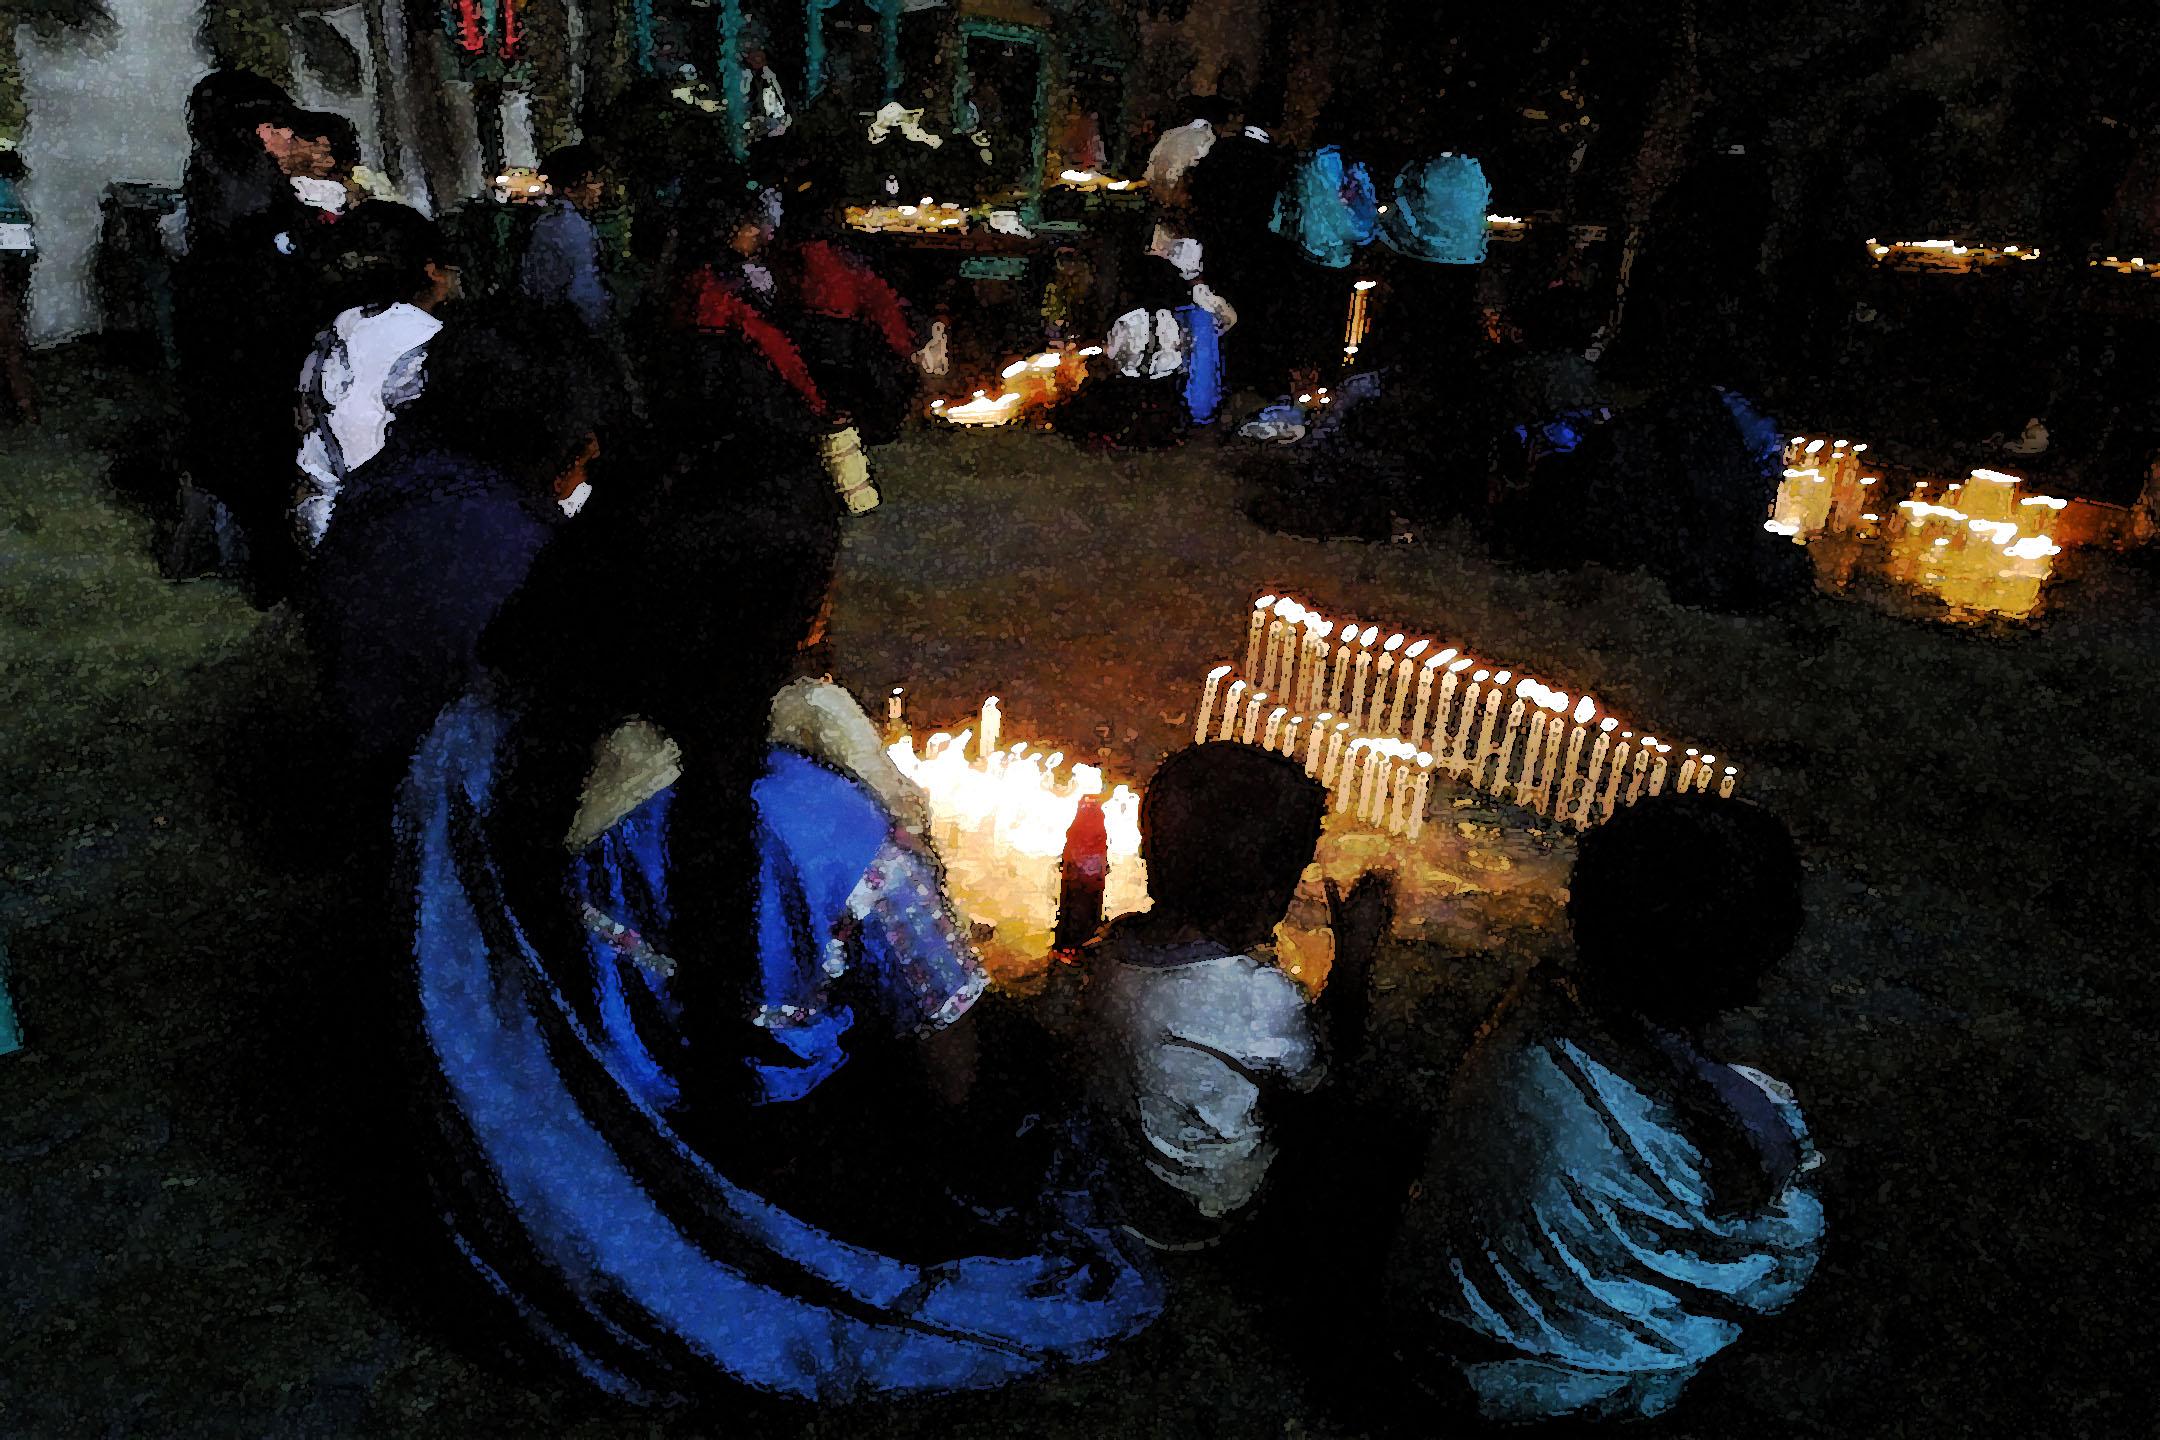 Rezos en iglesia con velas 2002